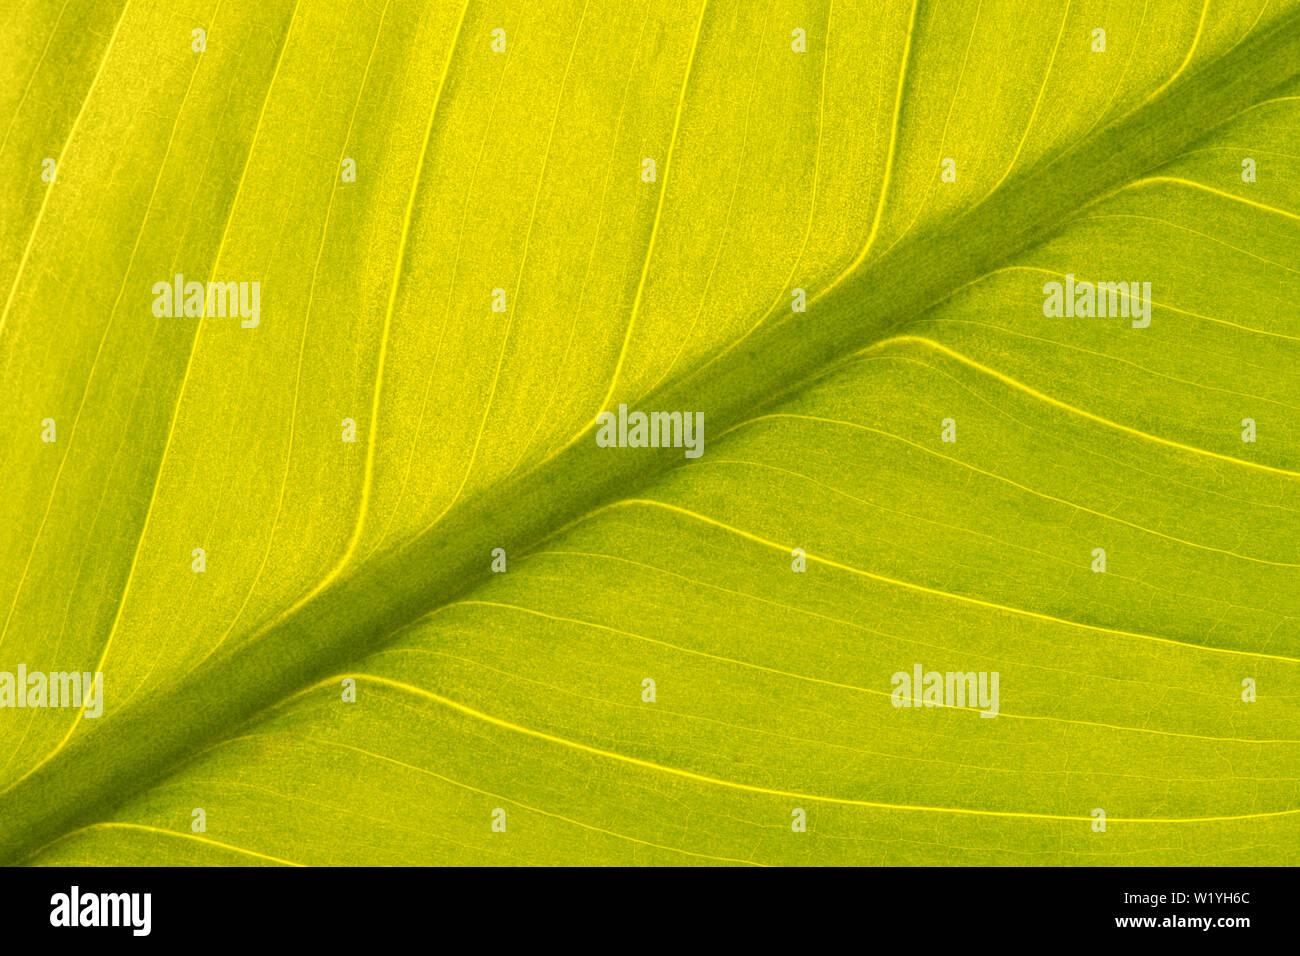 Diagonale symétrique vue d'un green Peace Lily leaf Spathiphyllum () avec un rétroéclairage pour lui donner une lueur douce et des textures intéressantes. Banque D'Images